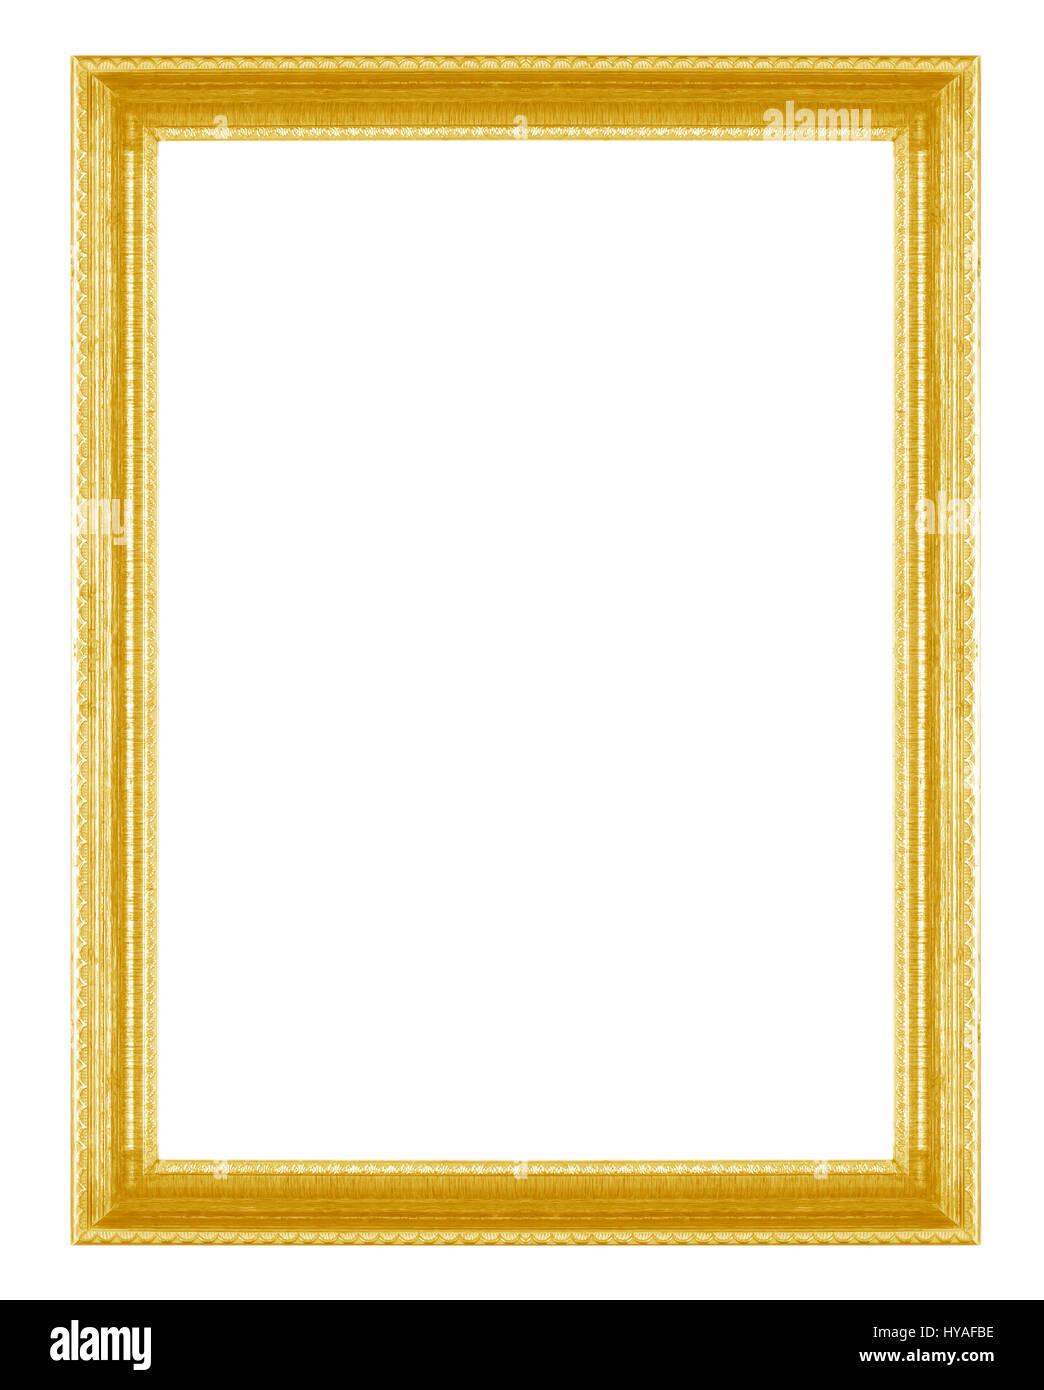 Gold Photo Stockfotos & Gold Photo Bilder - Seite 3 - Alamy